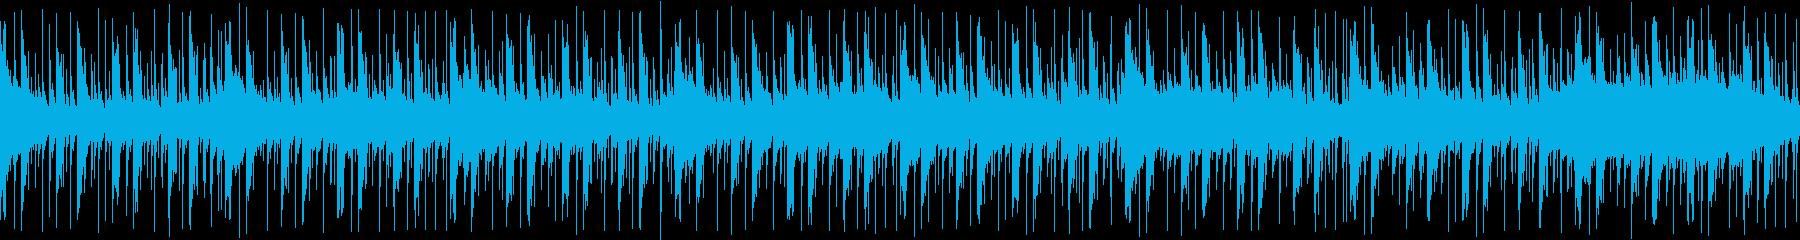 アップテンポな生演奏SAXソロ ループの再生済みの波形